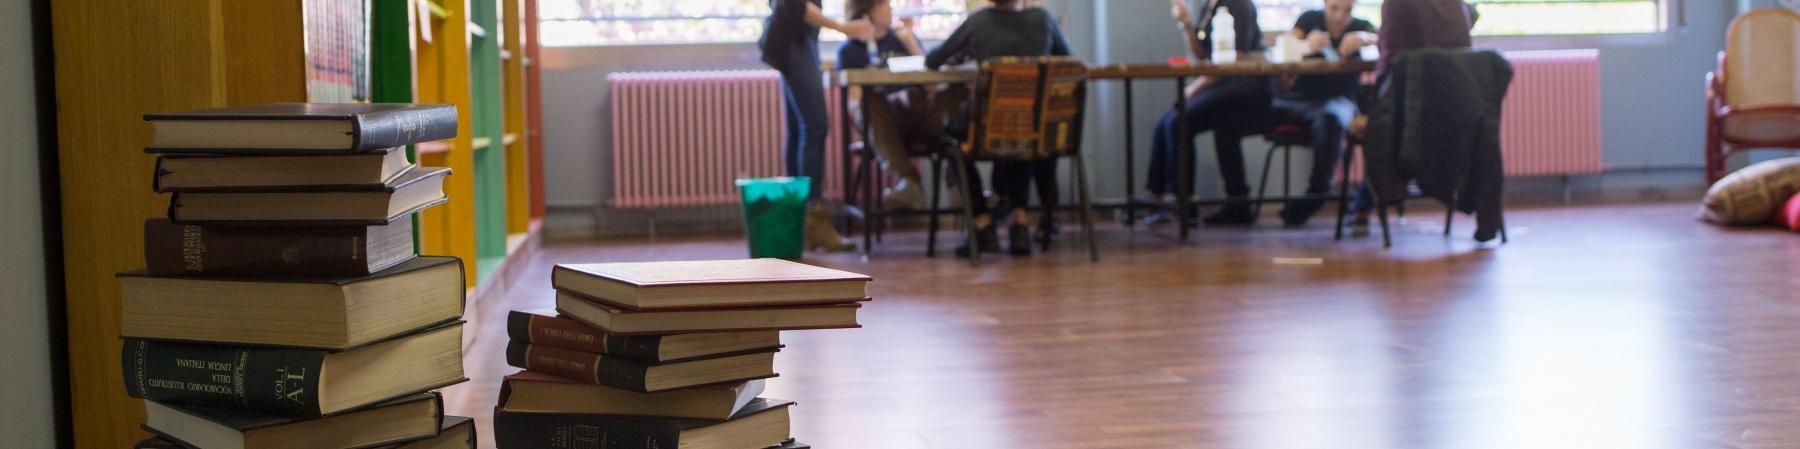 biblioteca, in primo piano dei libri accatastati e sullo sfondo delle persone intorno a un tavolo